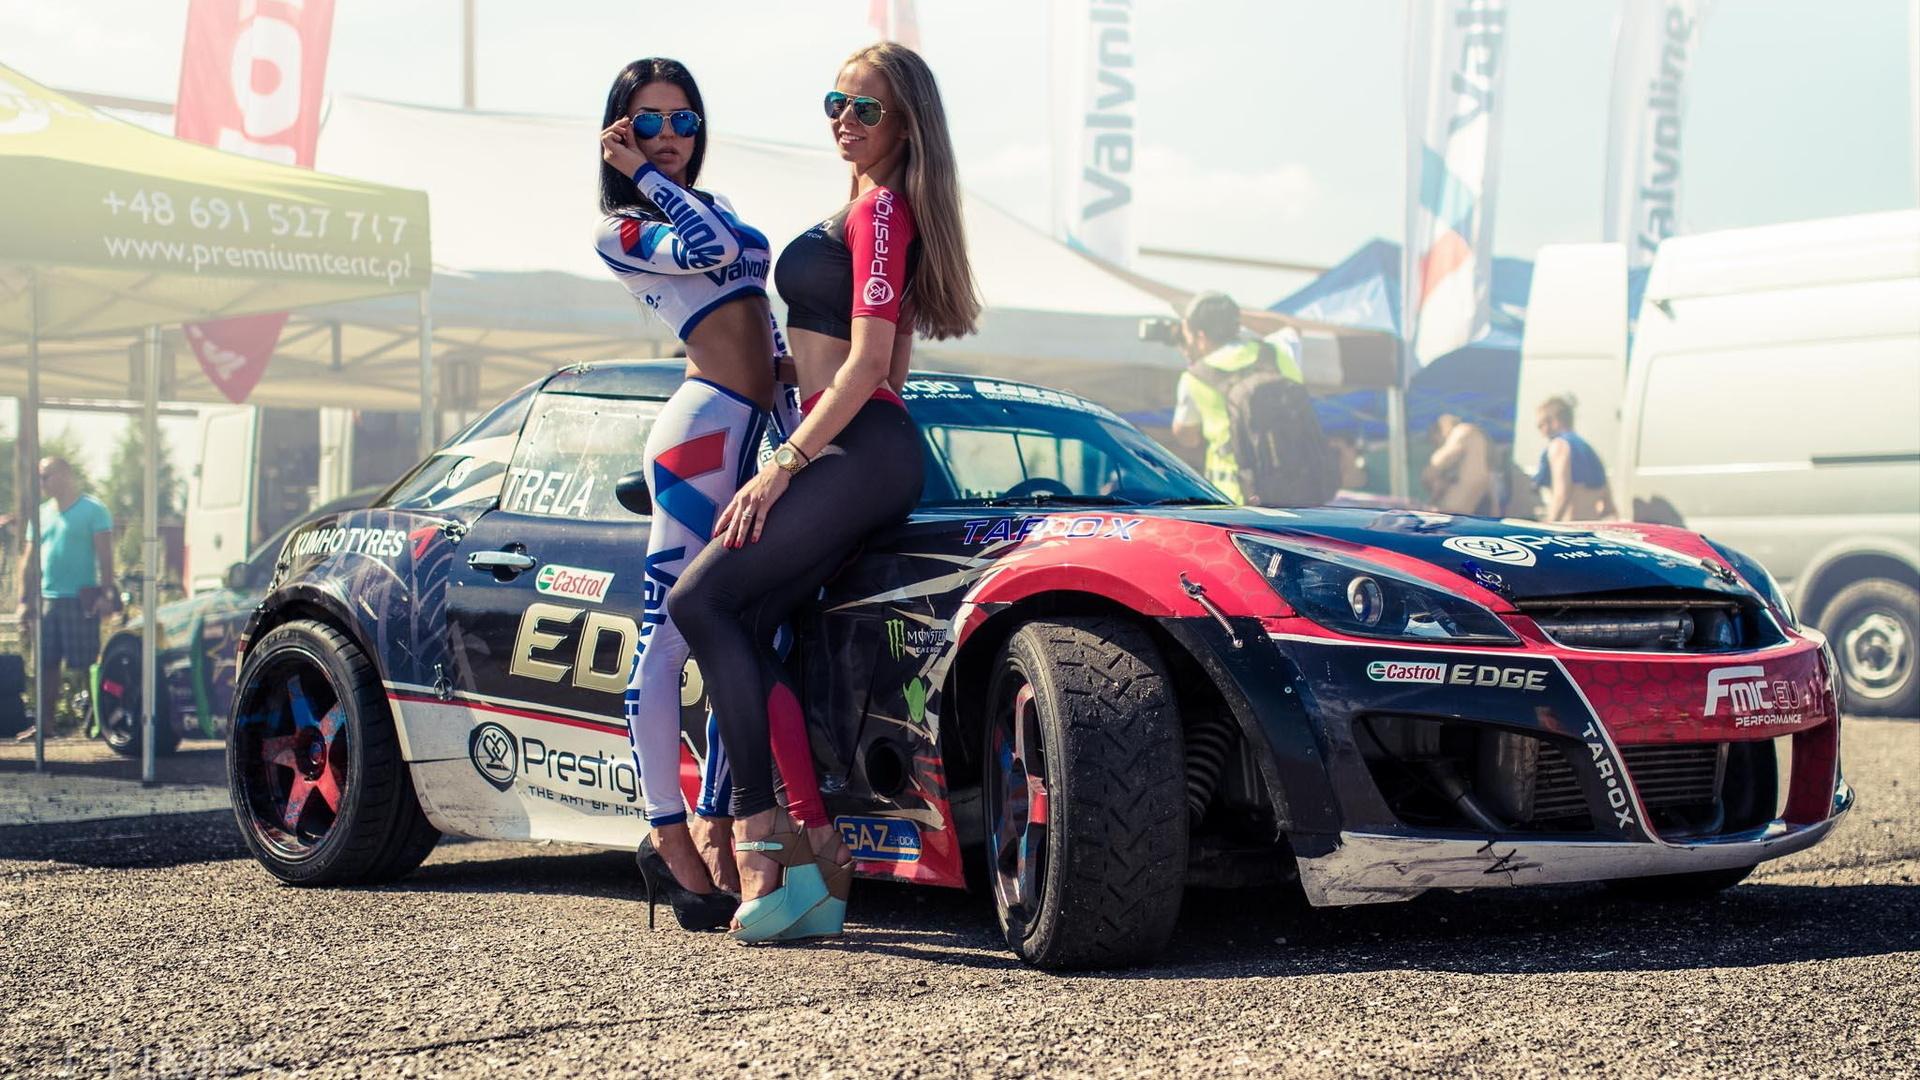 проводится бал фотосессия с машиной на гонках сплющенное